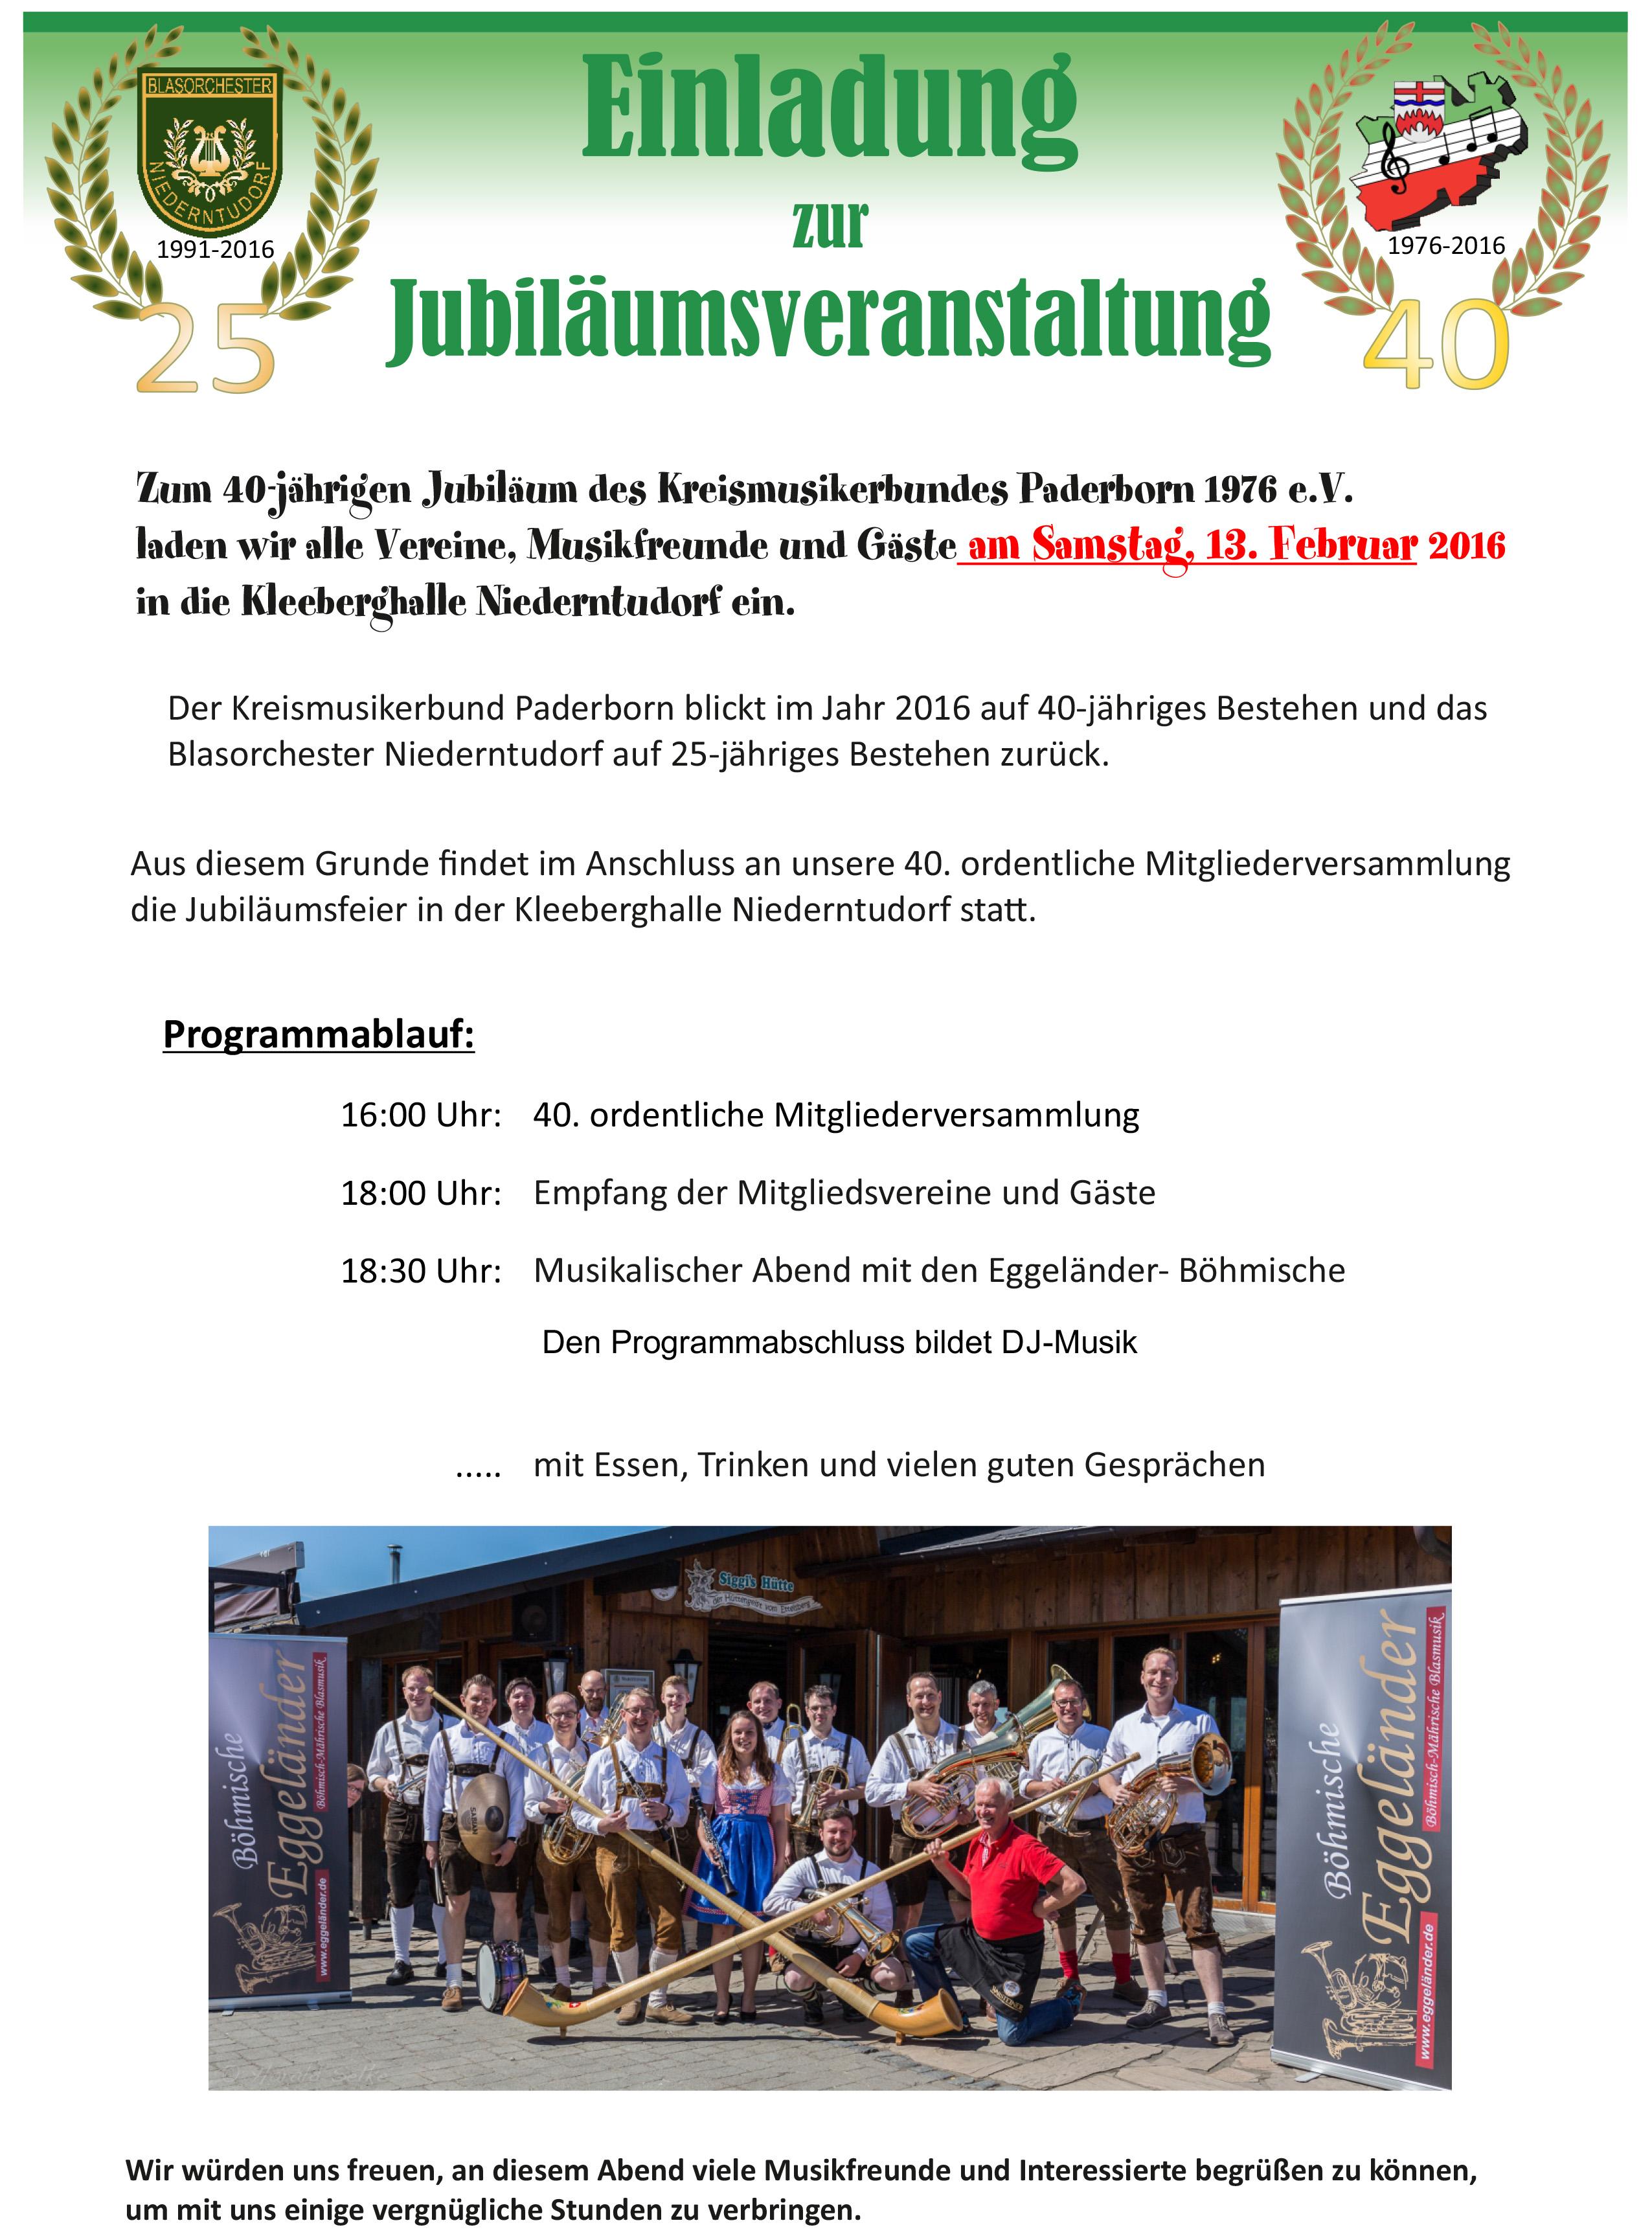 Einladung am Samstag, den 13. Februar 2016 in der Kleeberghalle Niederntudorf ab 16:00Uhr